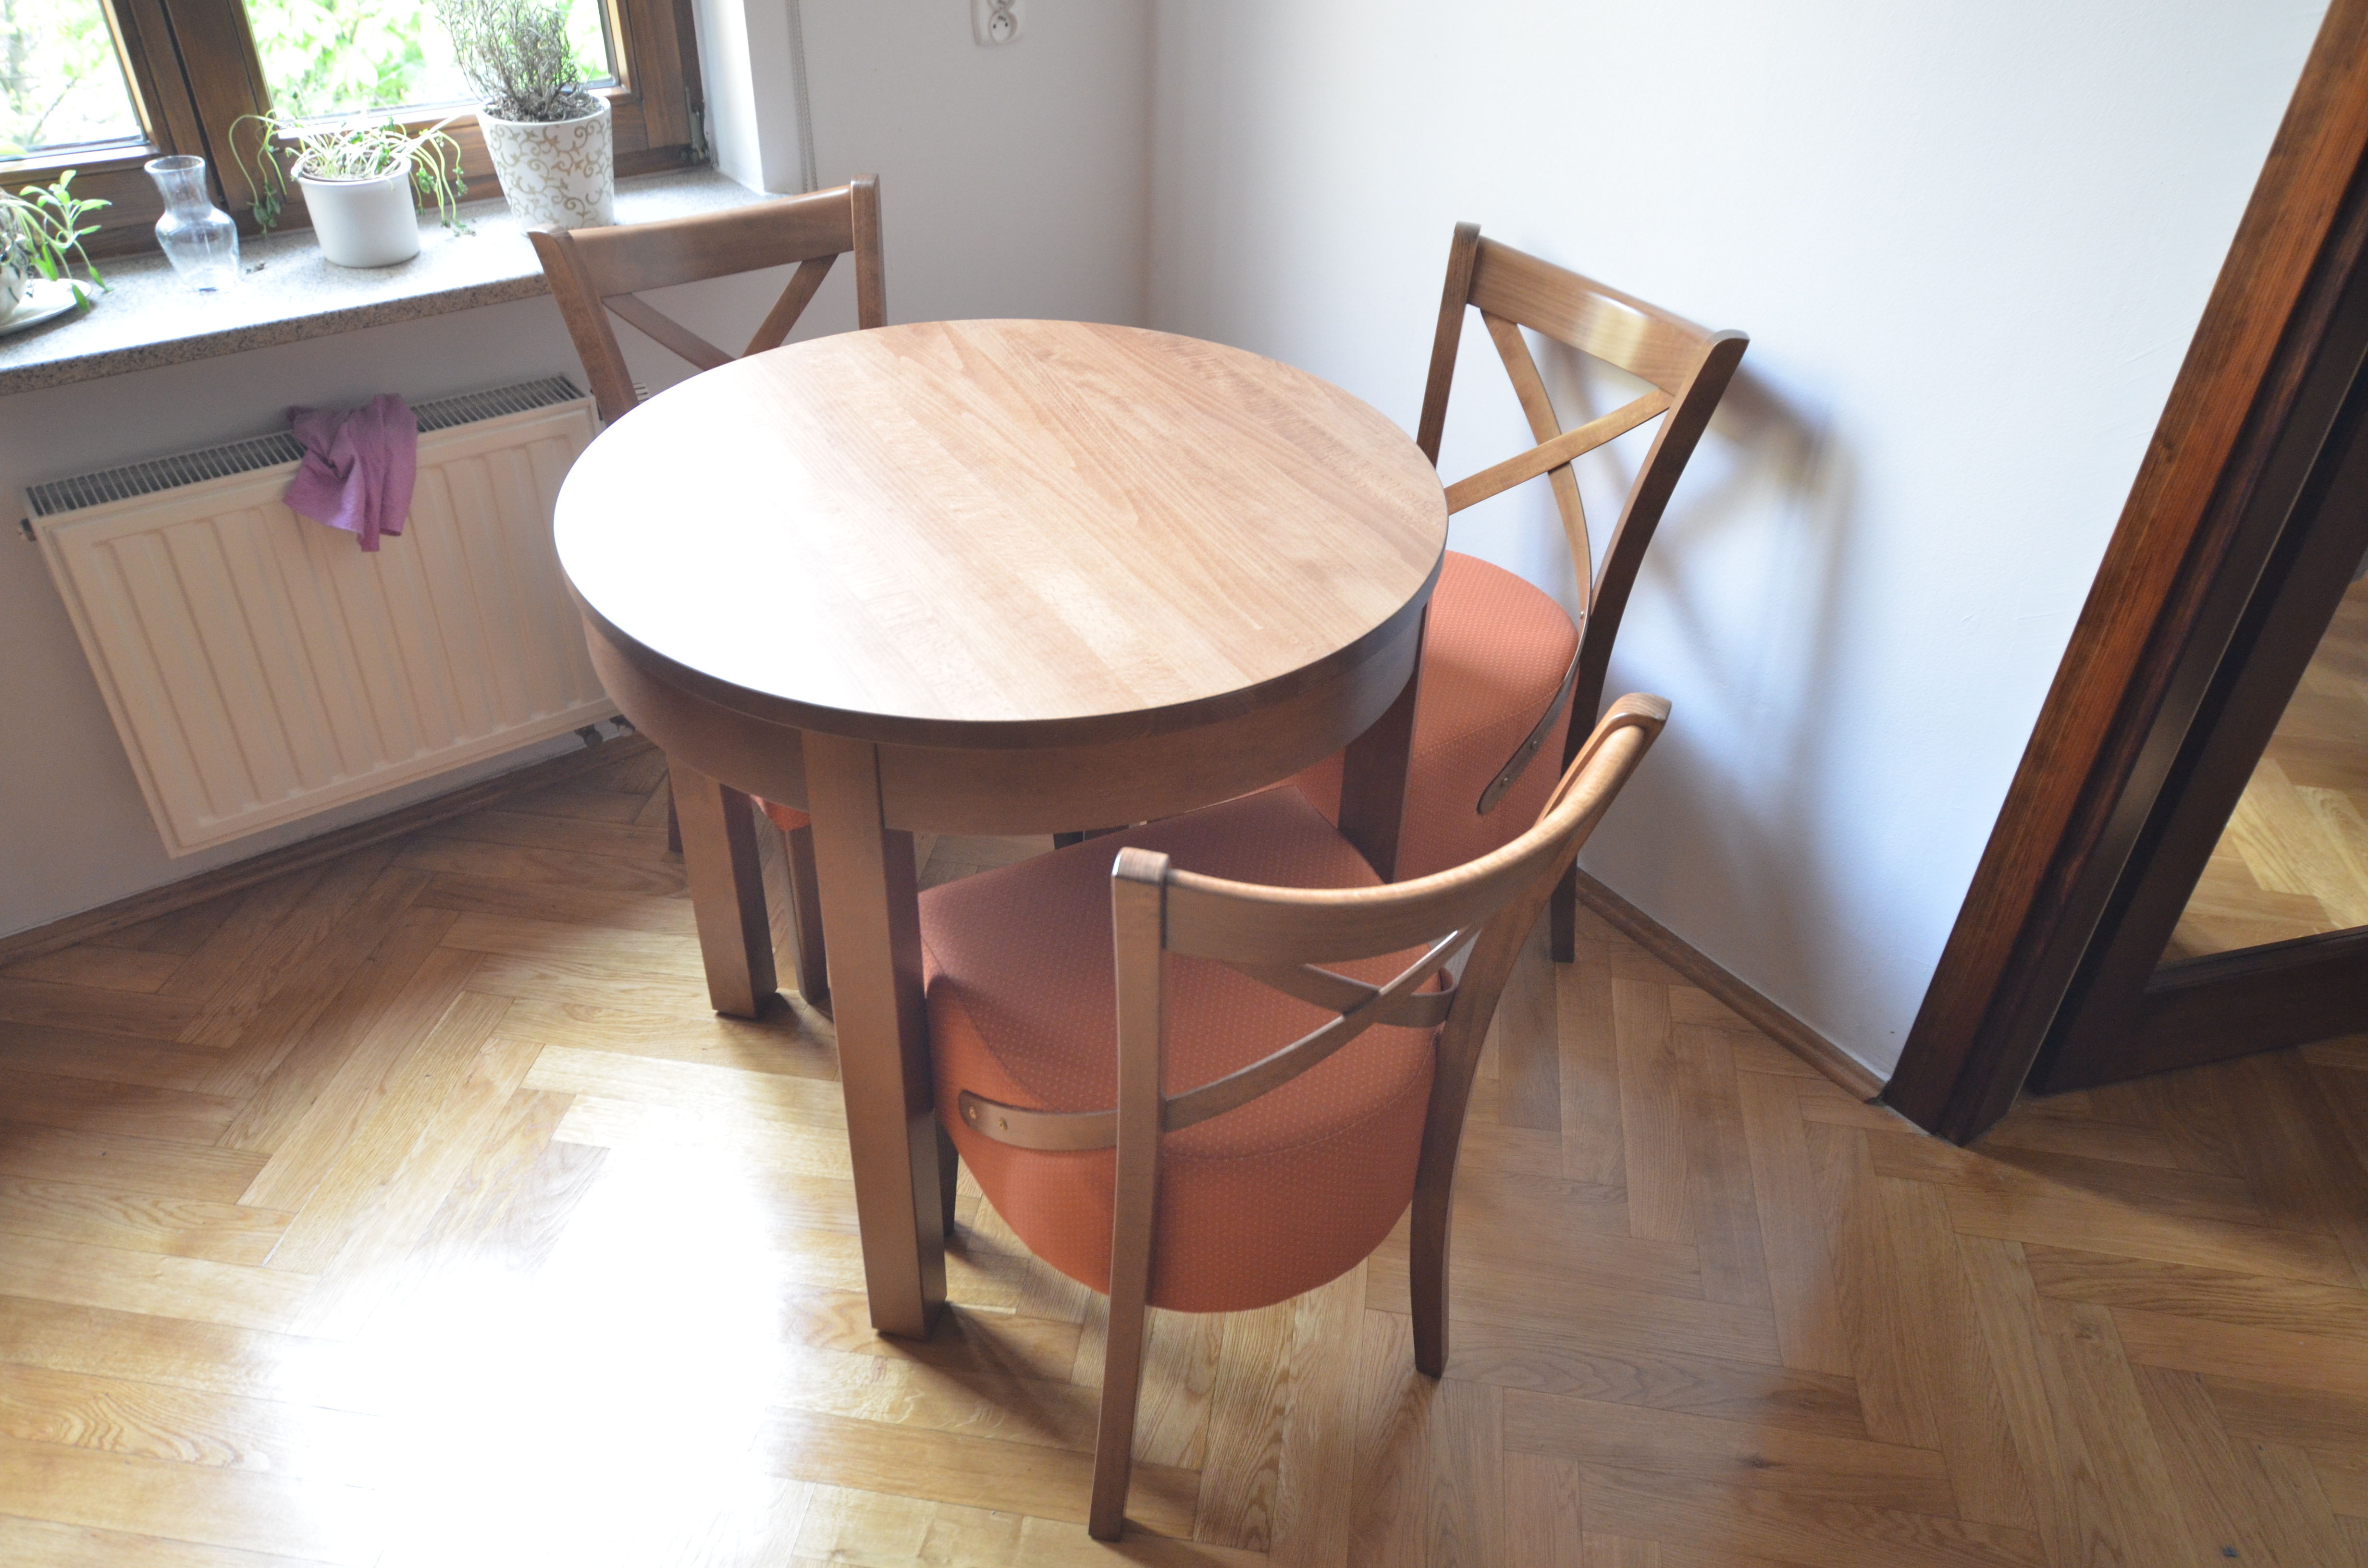 stół okrągły z okrągłą oskrzynią